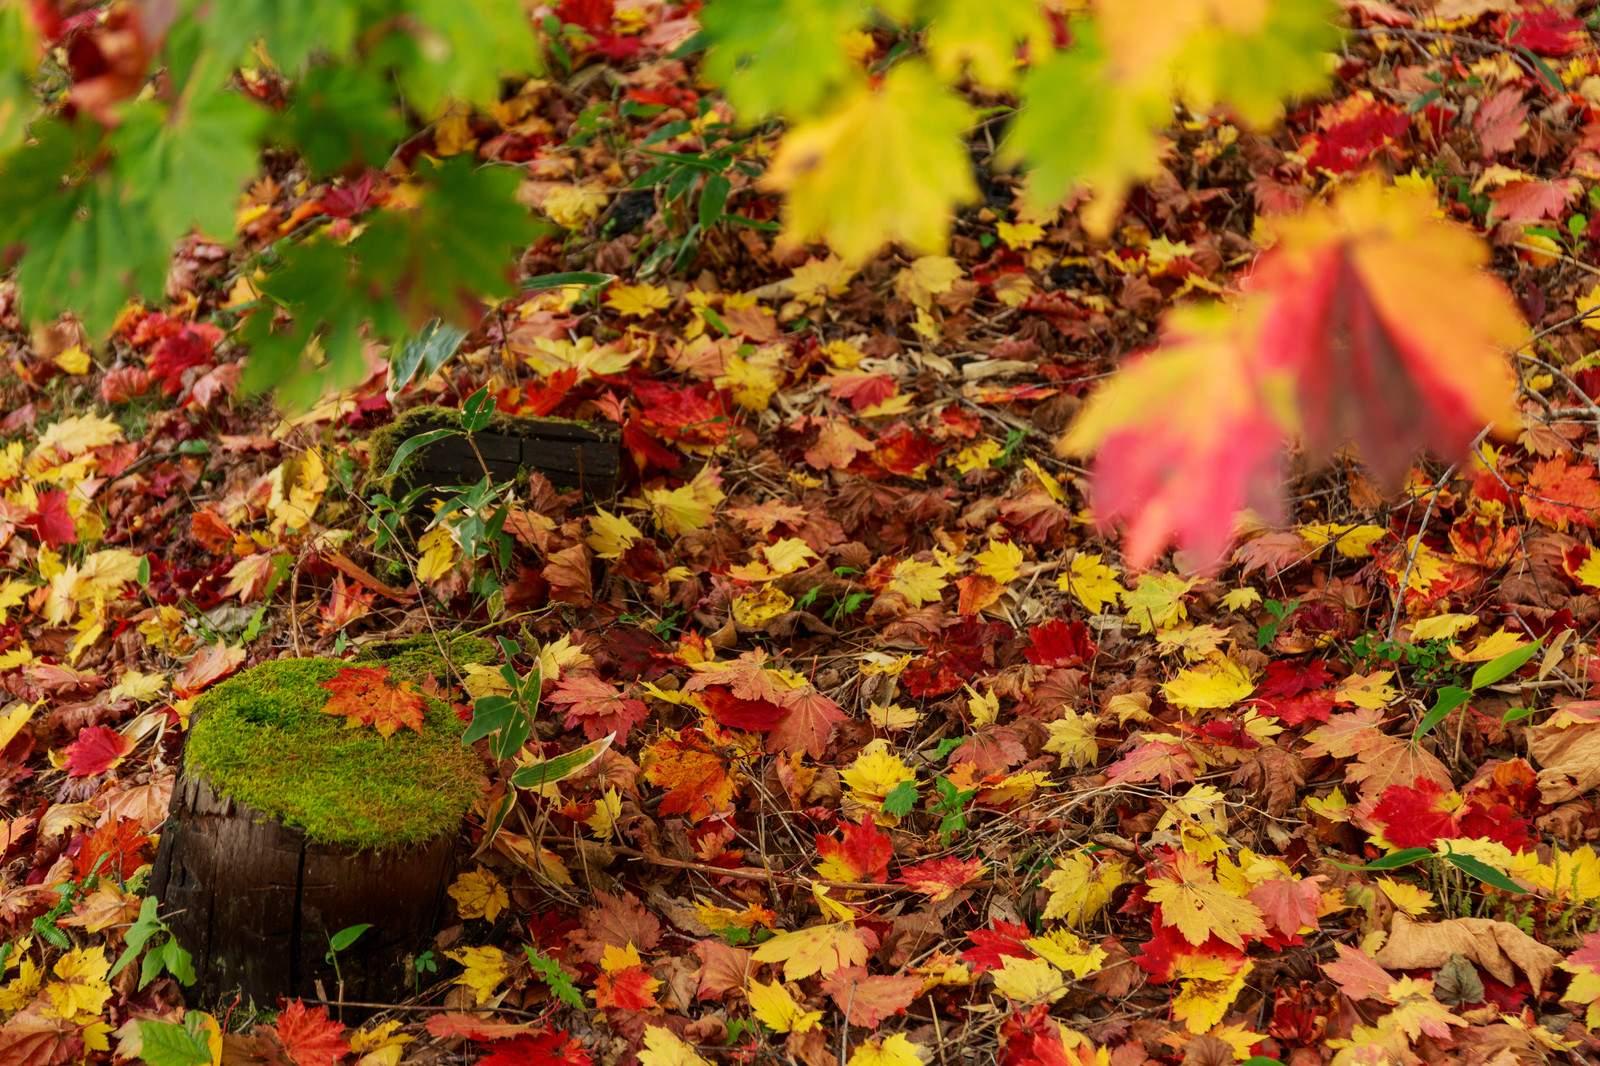 『季節や自然』を表す四字熟語一覧 - 日本の美しい言葉   ORIGAMI ...